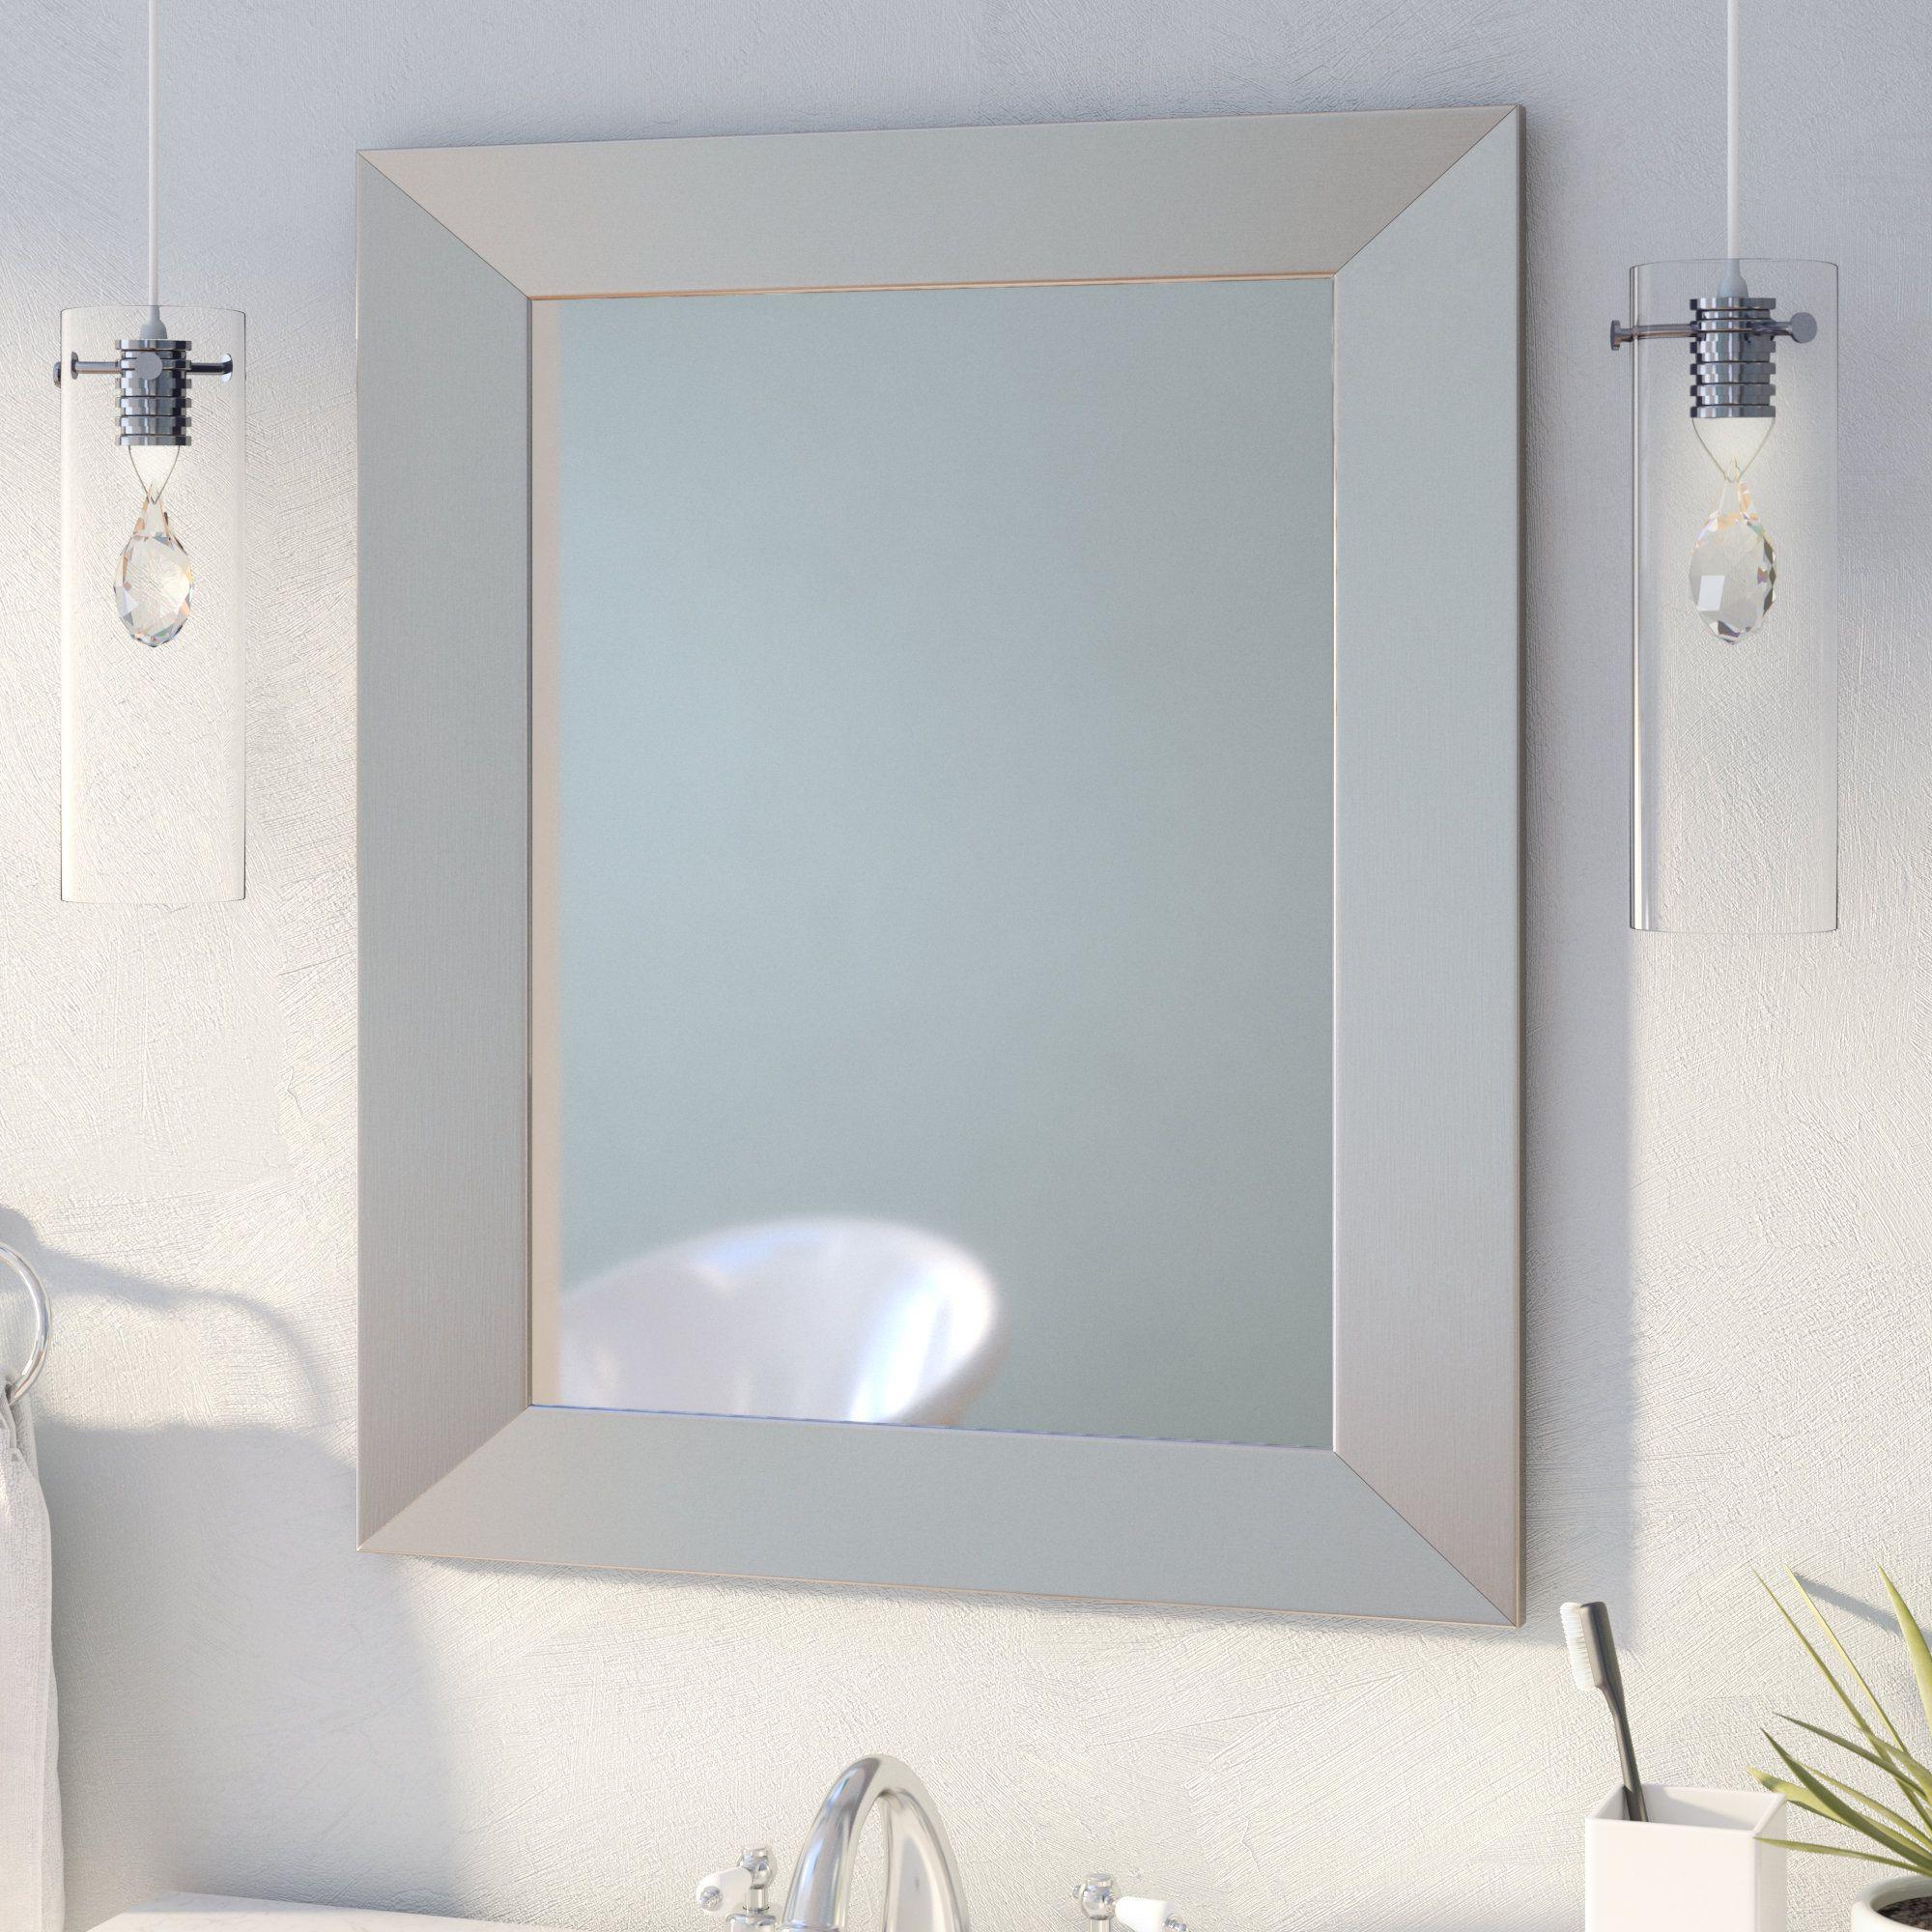 Widely Used Kurt Bathroom/vanity Mirror (View 8 of 20)